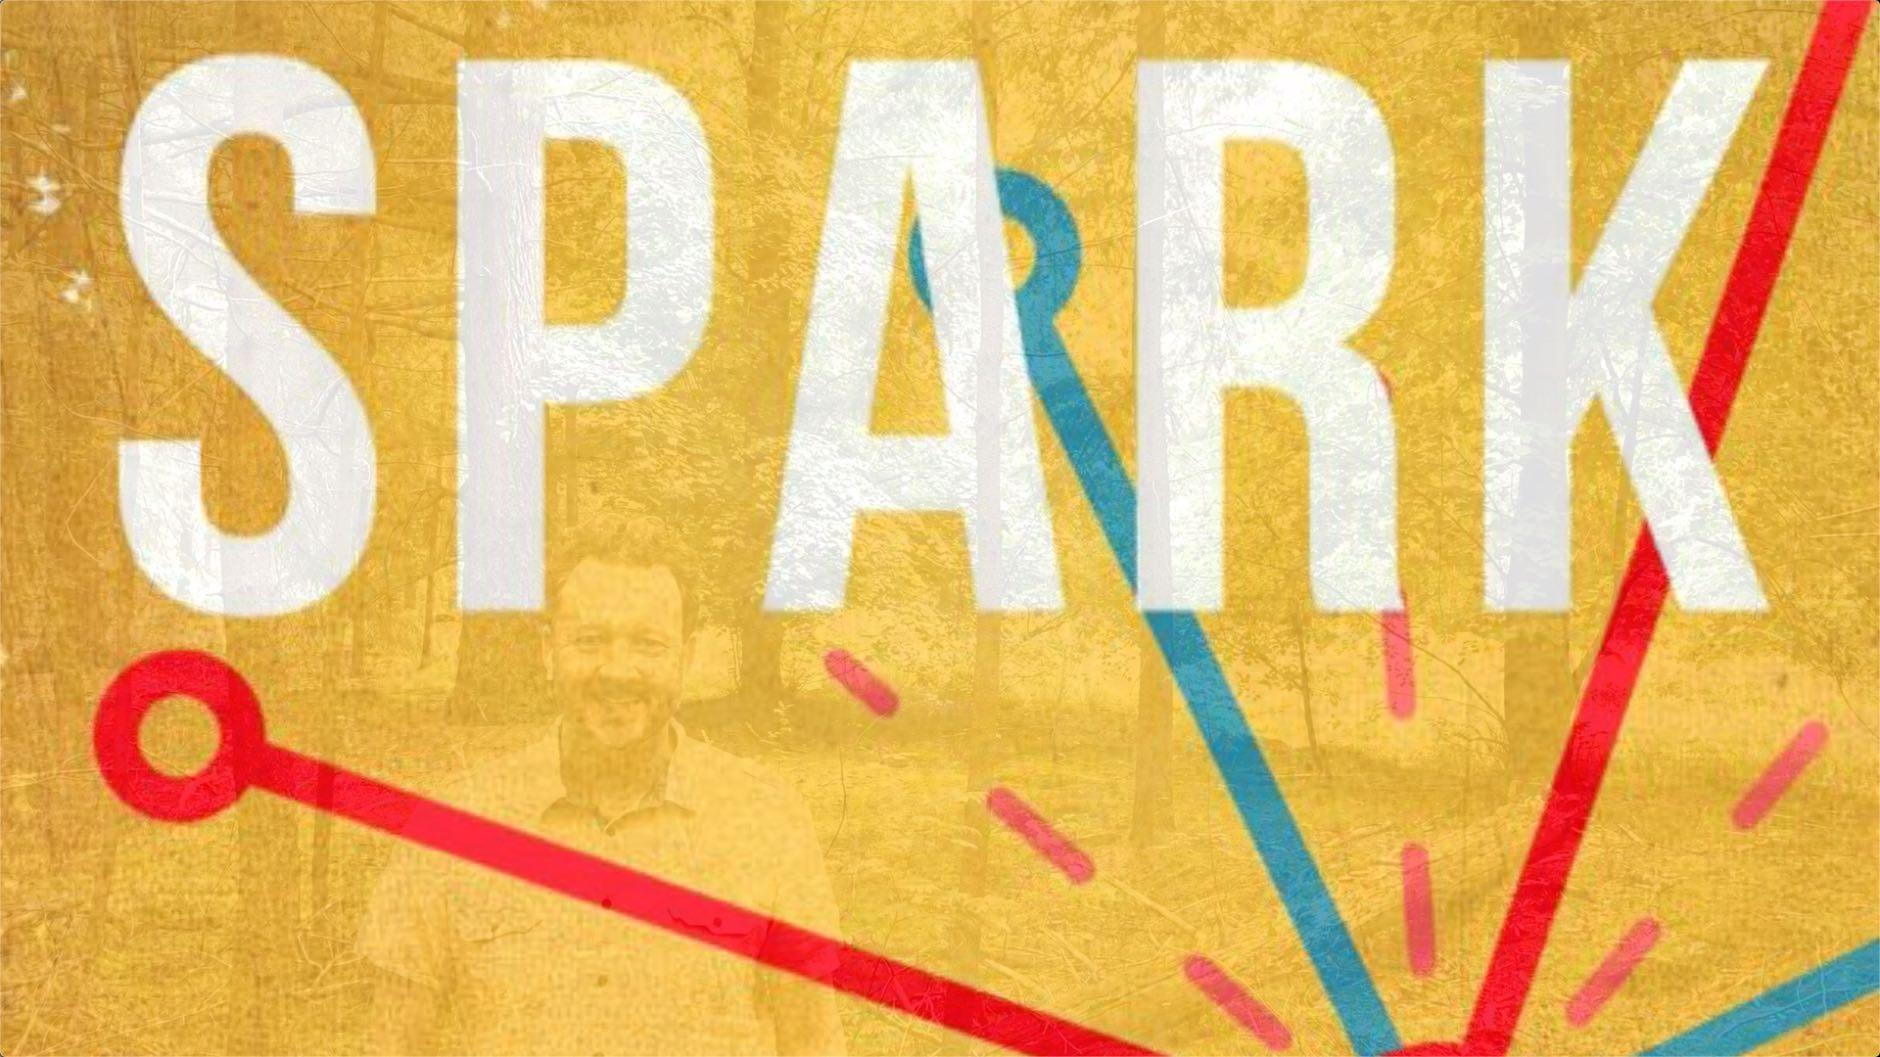 Spark (Bonus Content)